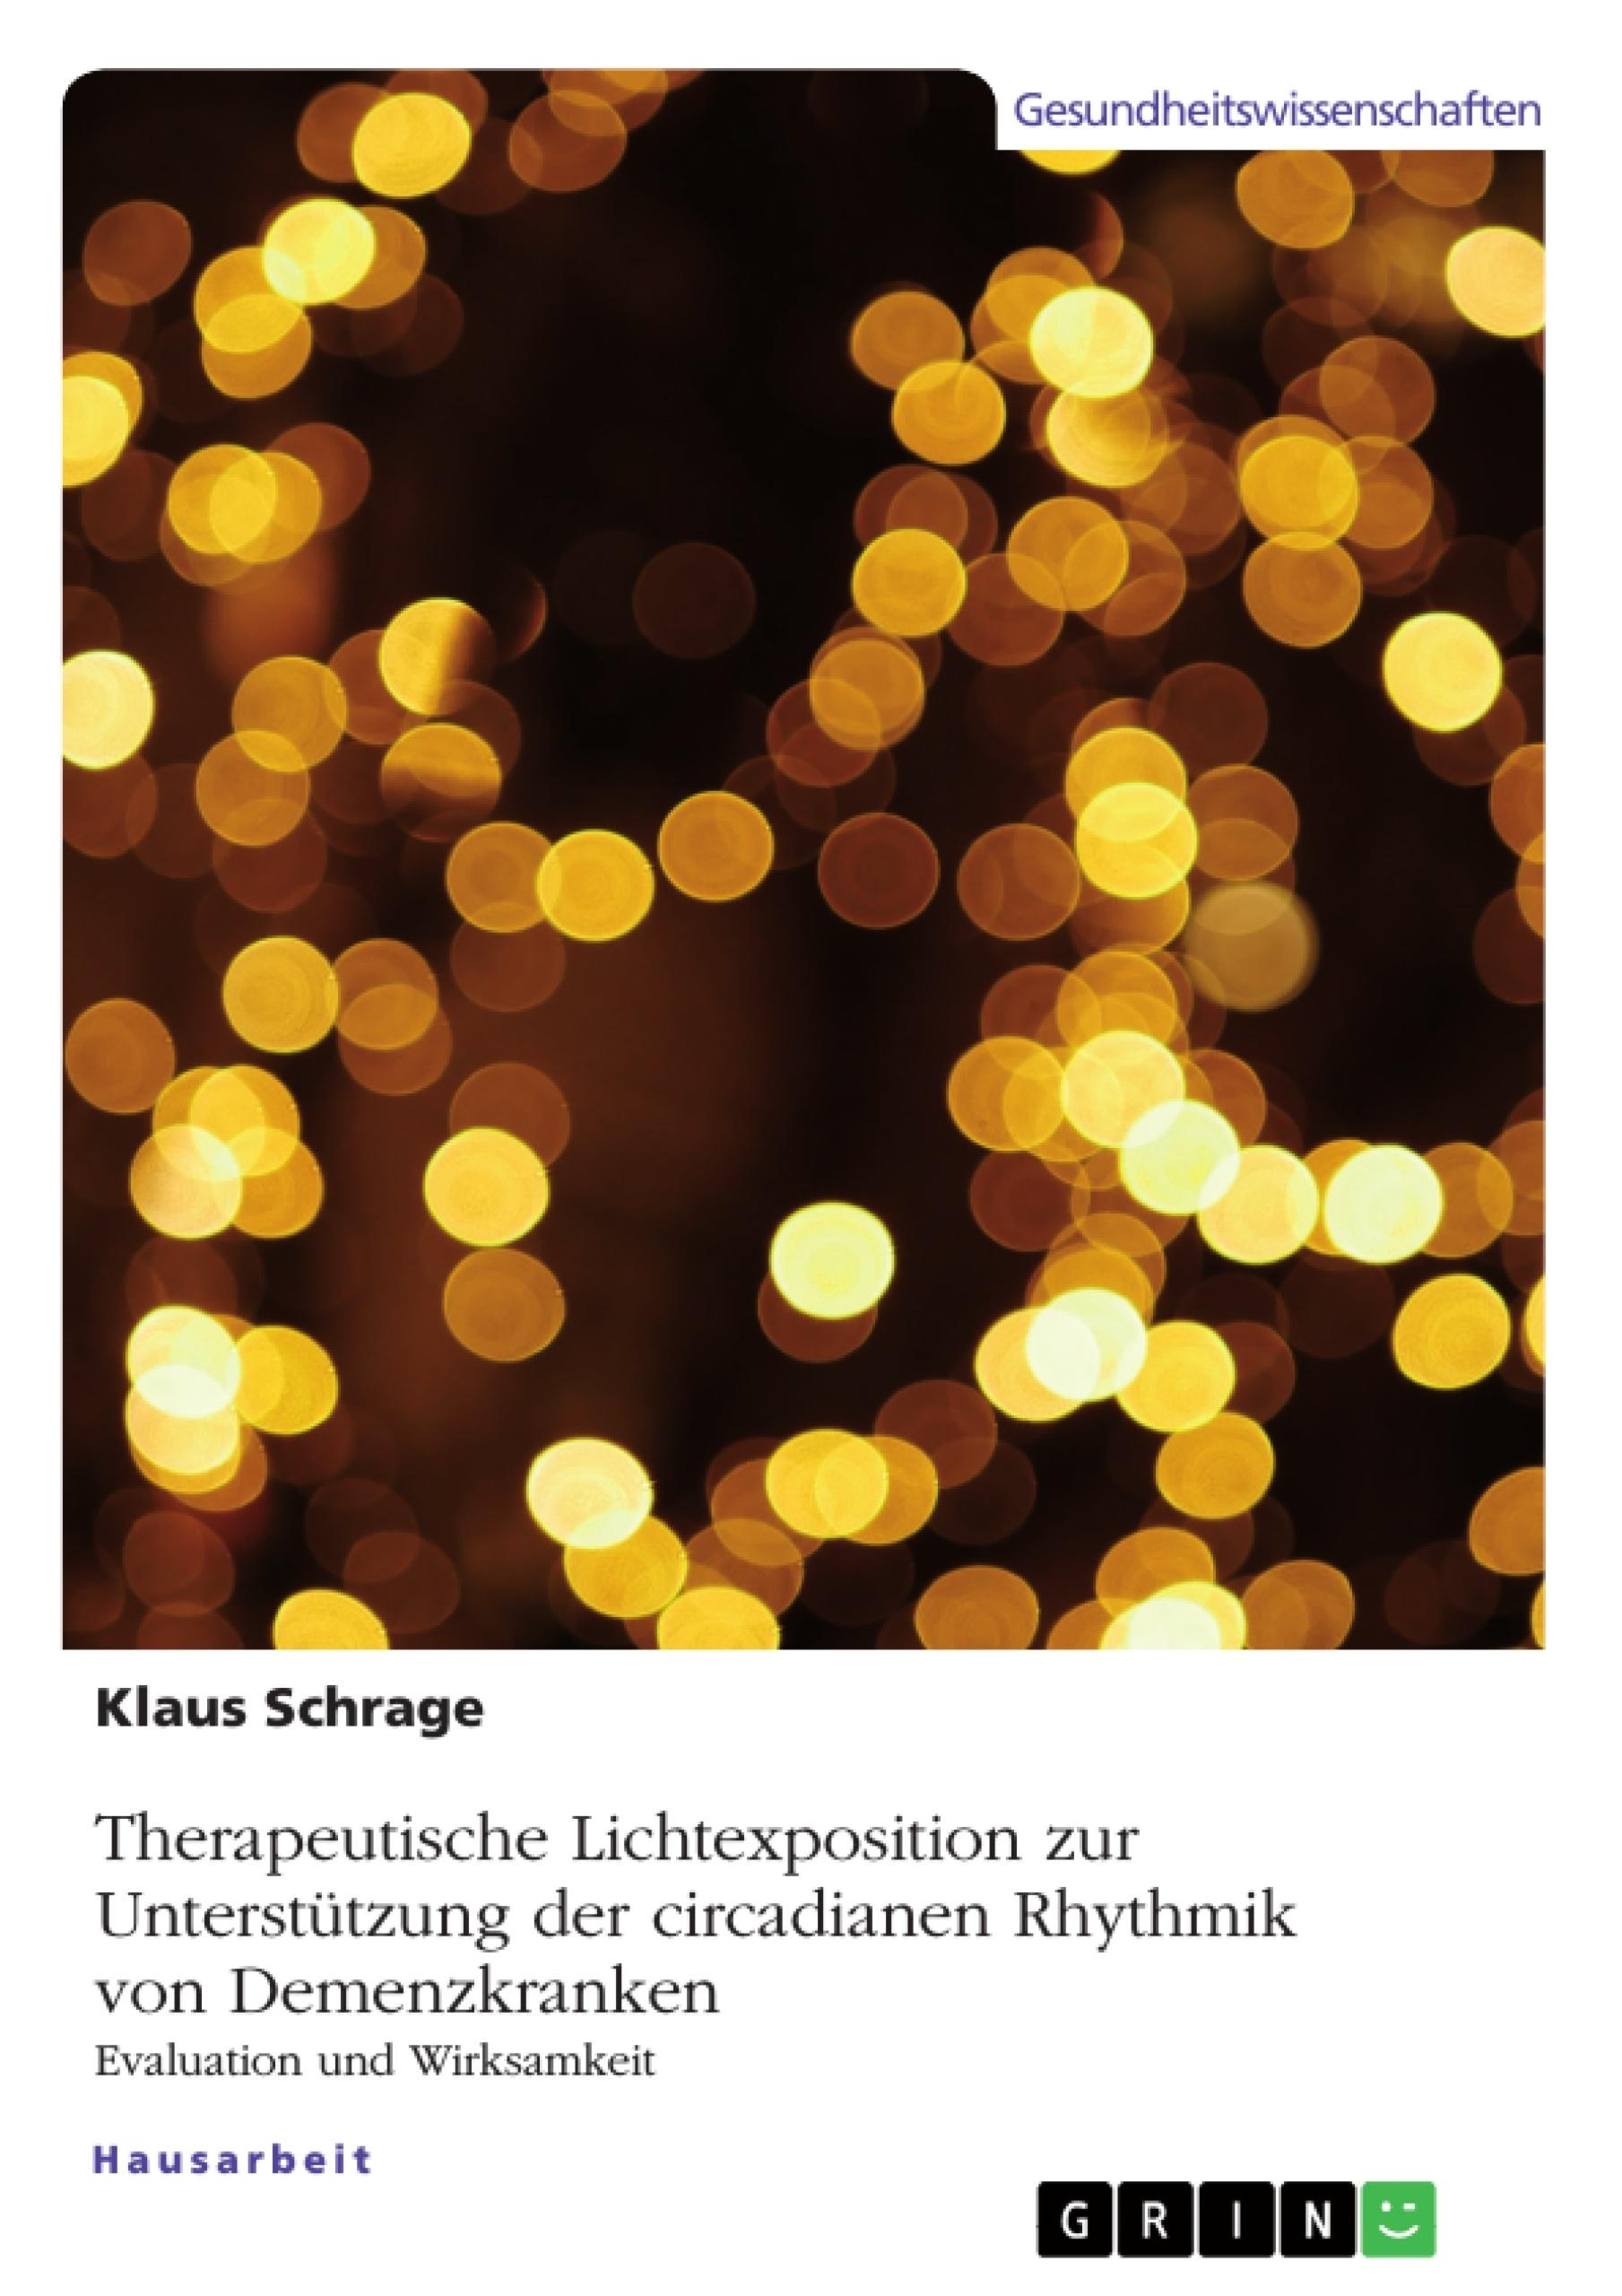 Titel: Therapeutische Lichtexposition zur Unterstützung der circadianen Rhythmik von Demenzkranken. Evaluation und Wirksamkeit